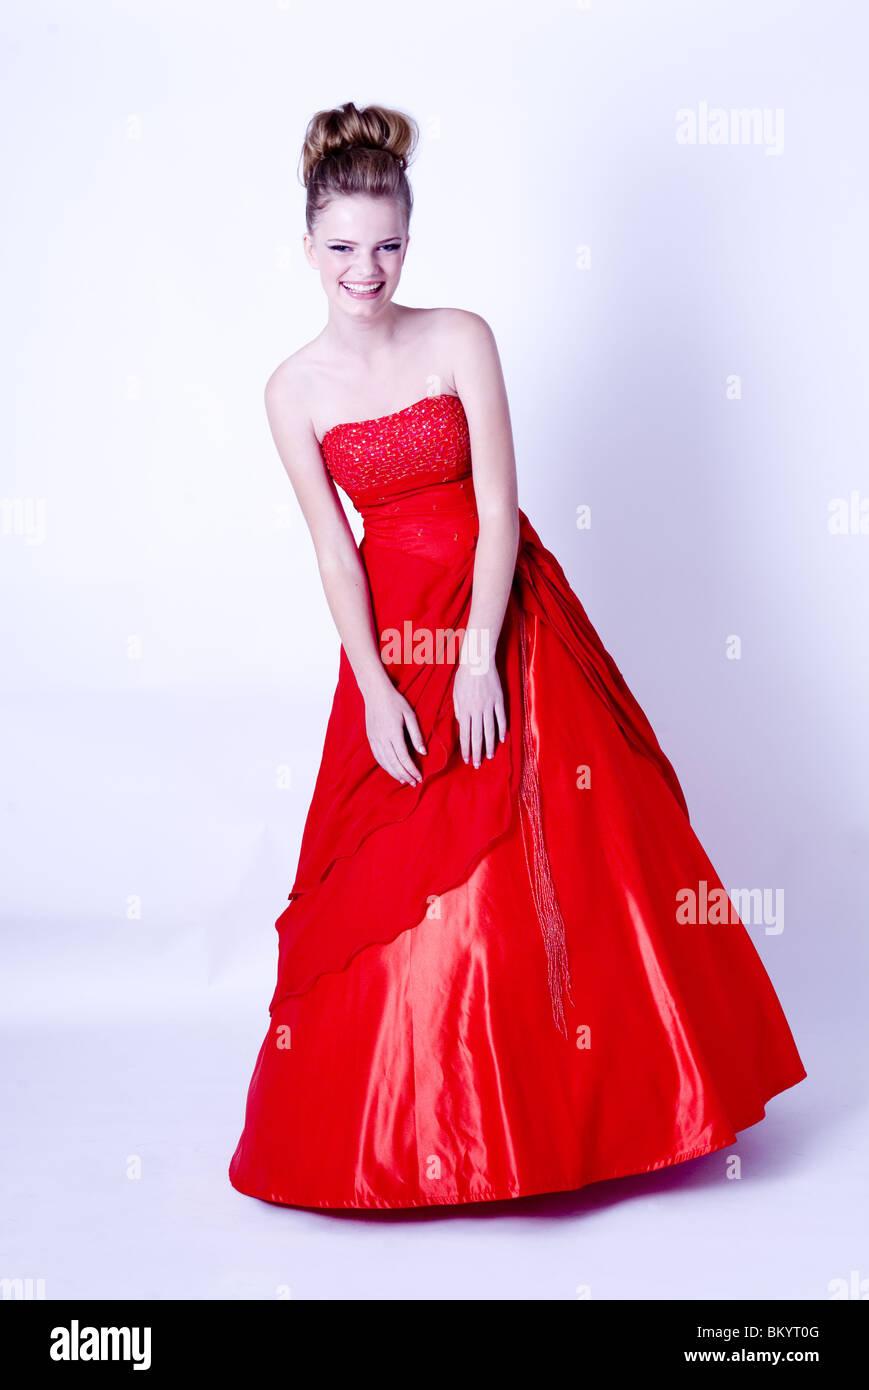 Ritratto di giovane donna guardare al sorriso della fotocamera e in rosso Palla  abito  d7f8083b1dc